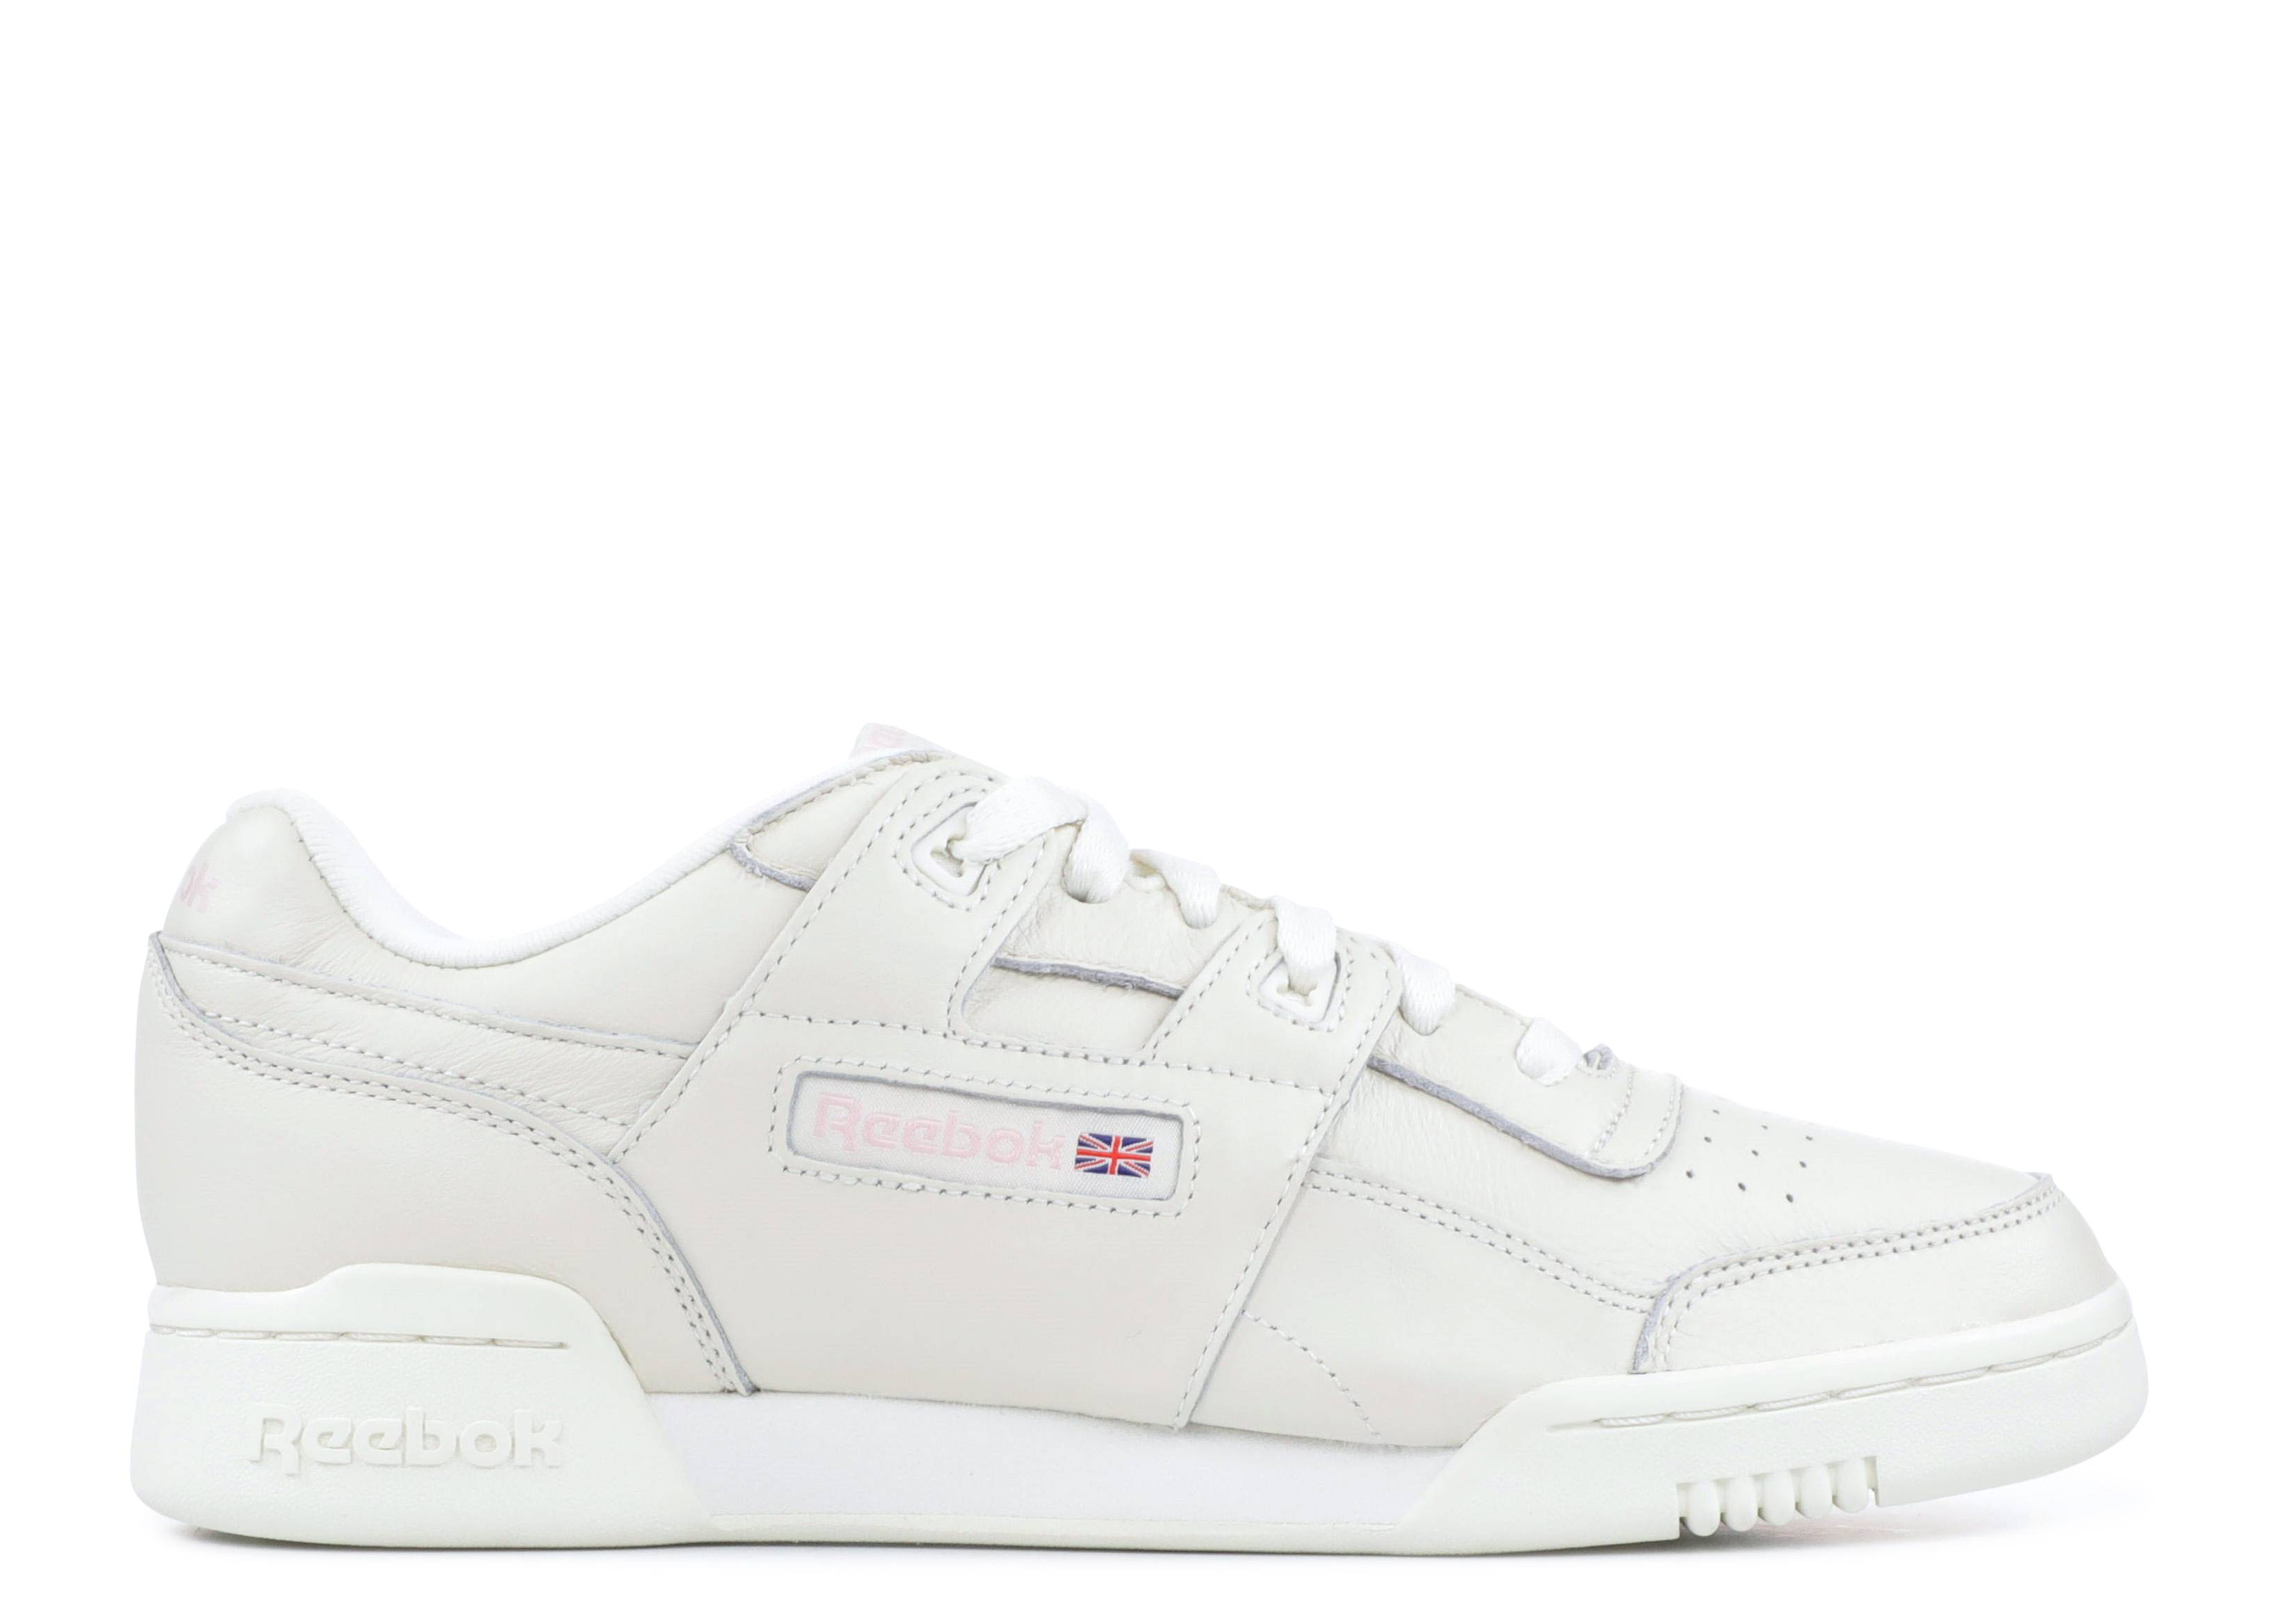 07e7e4205f8a W s WORKOUT LO PLUS - Reebok - cn4610 - vintage-white practical pink ...